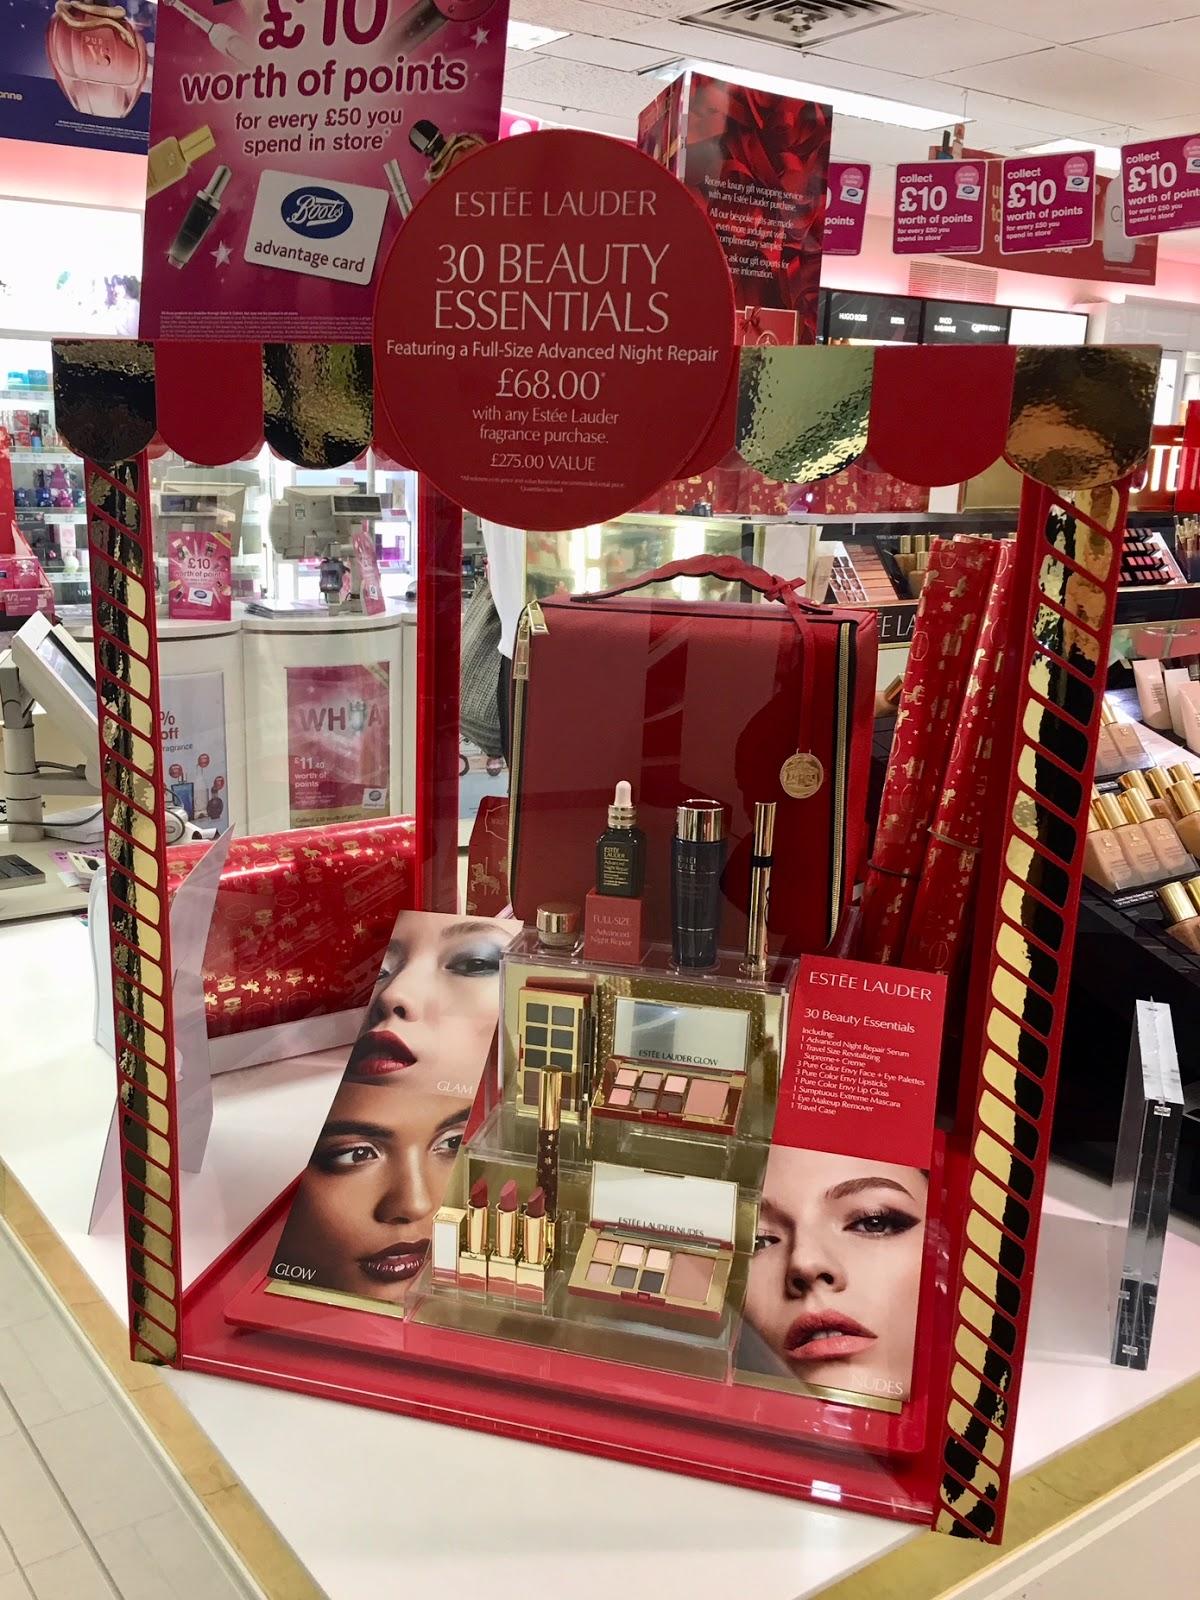 Estee Lauder 30 Beauty Essentials